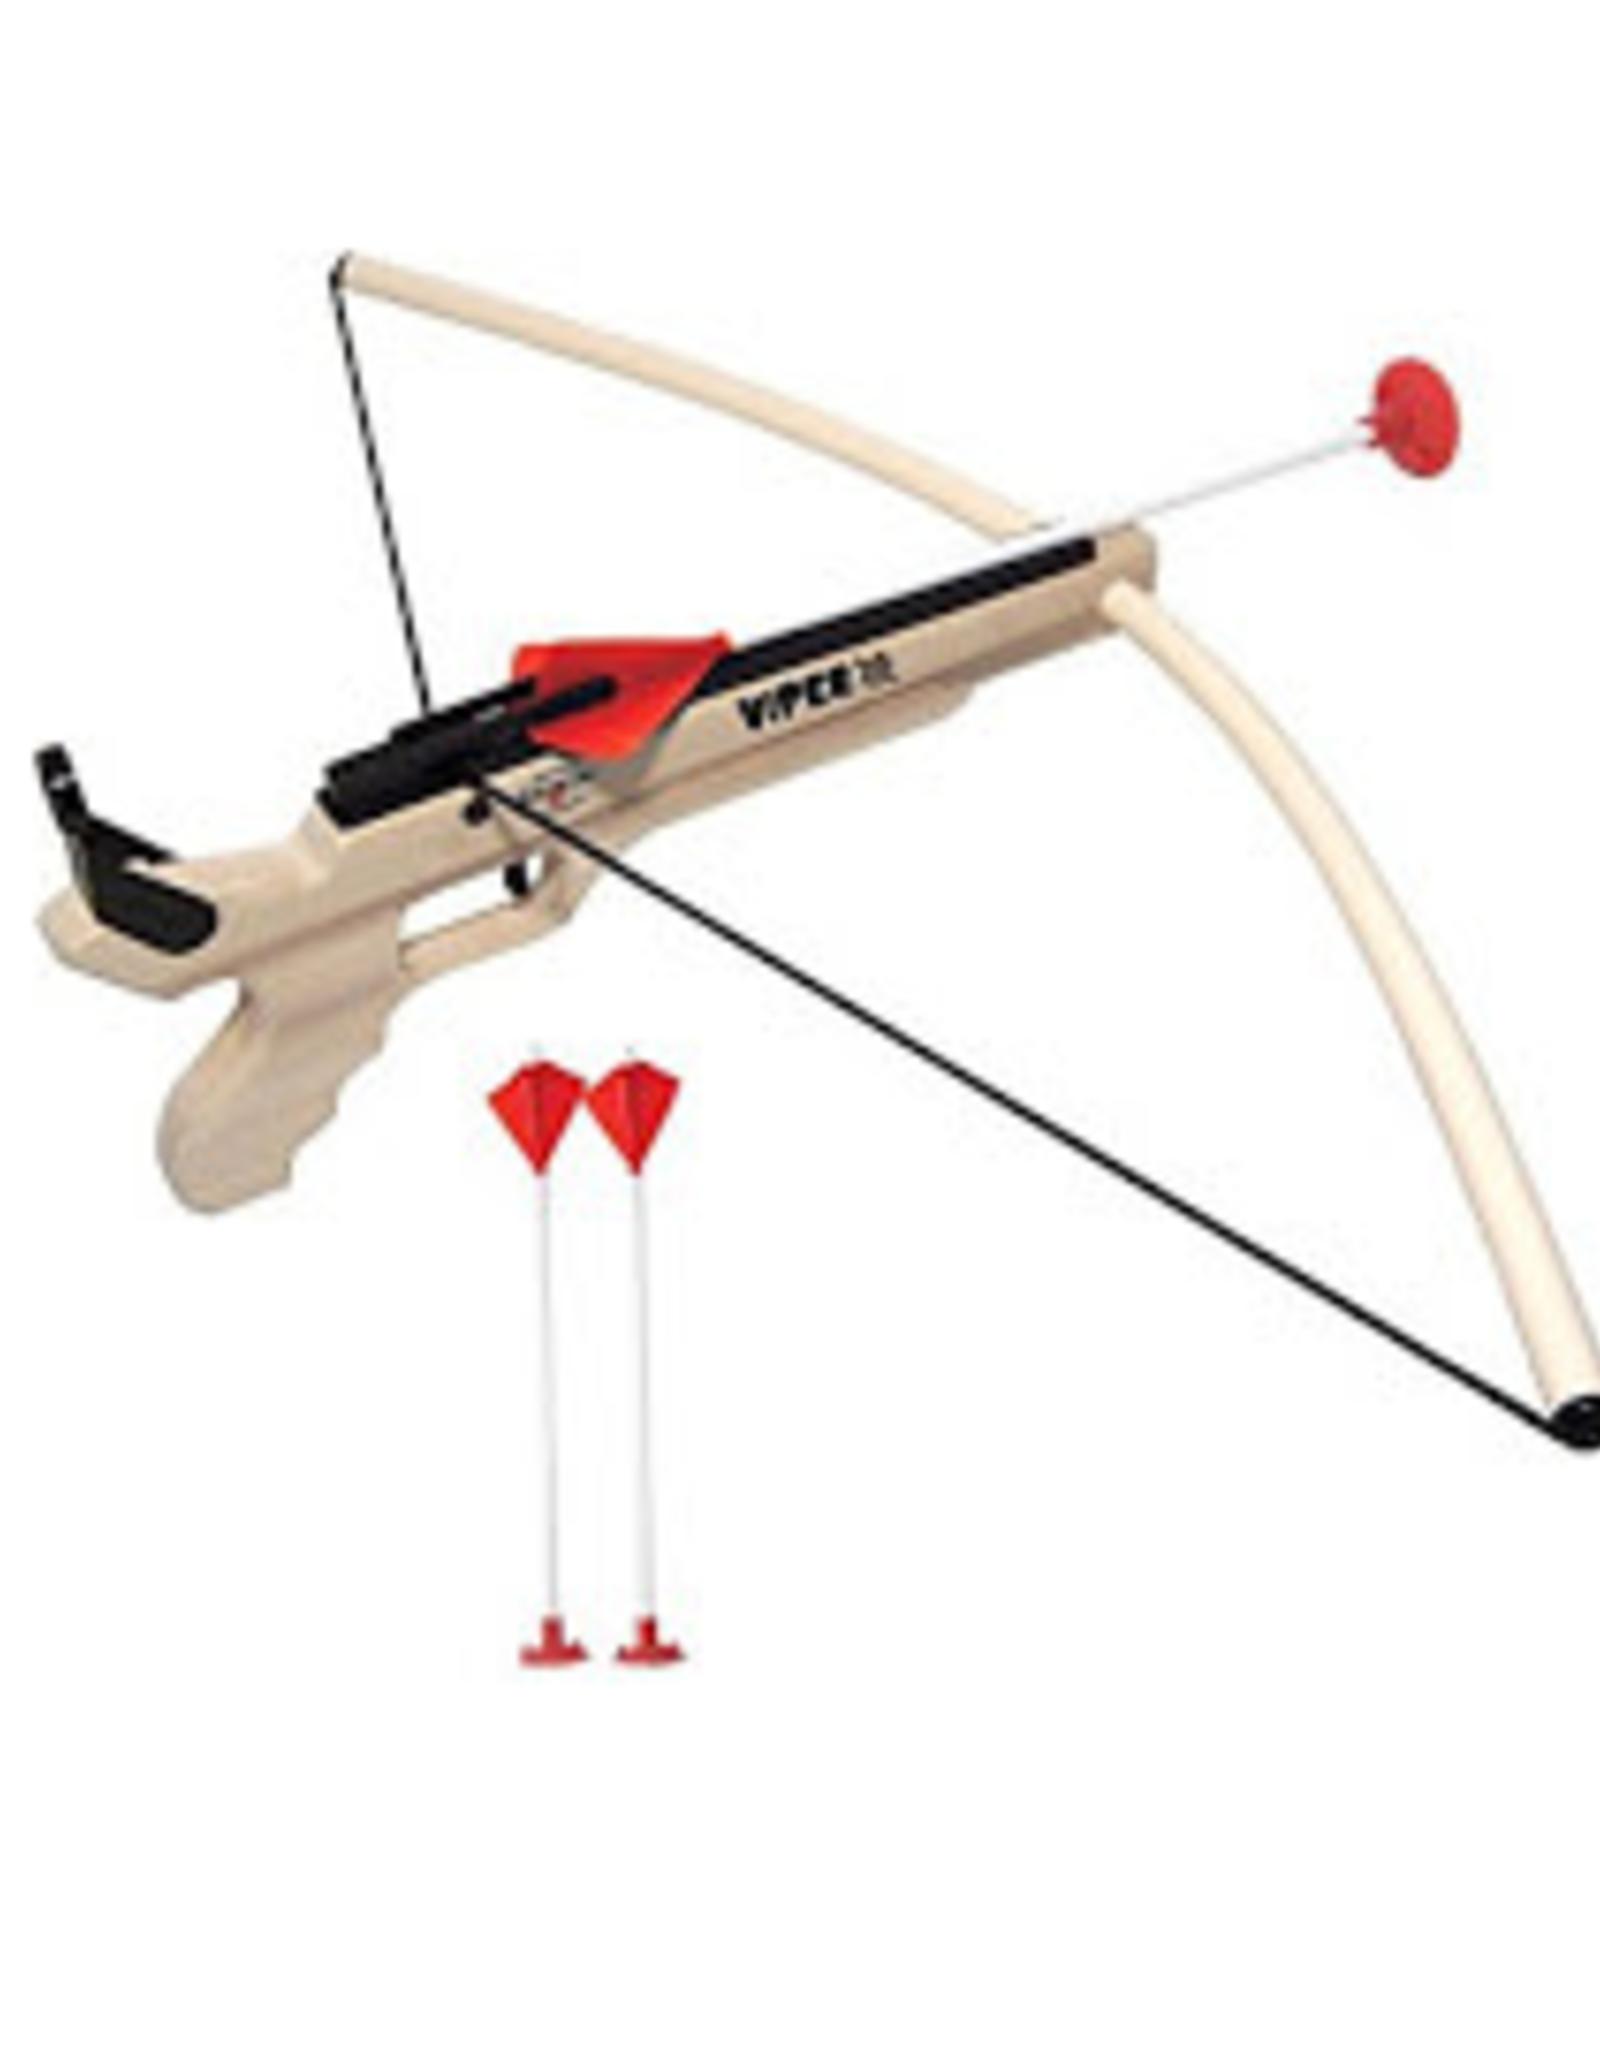 Magnum Enterprises Pistol Cross Bow Set w/ 3 arrows